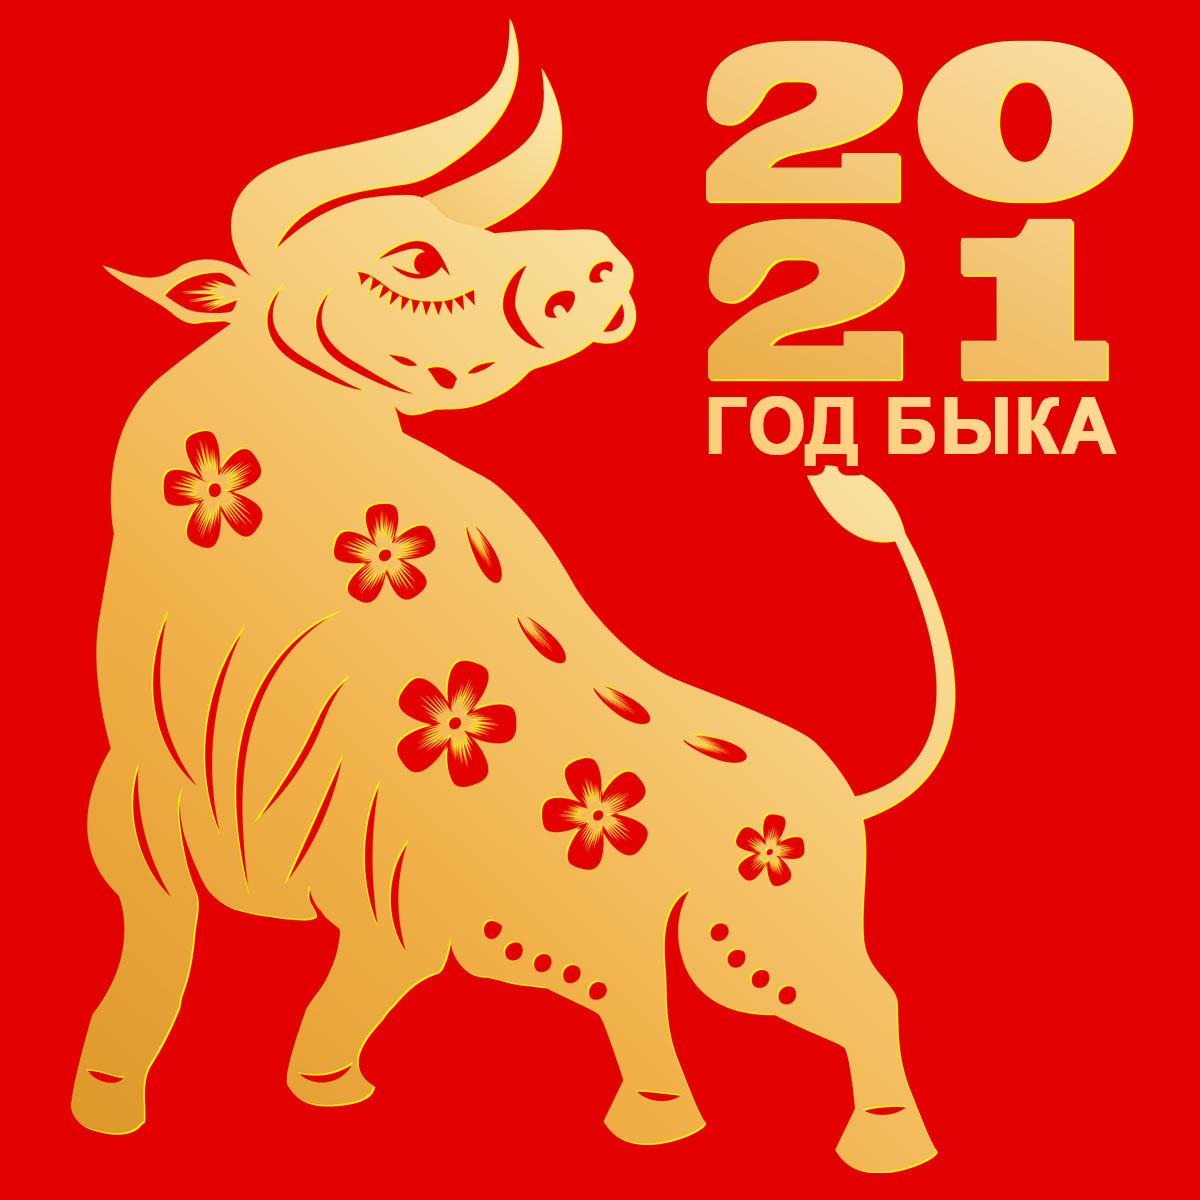 Открытка символ года бык